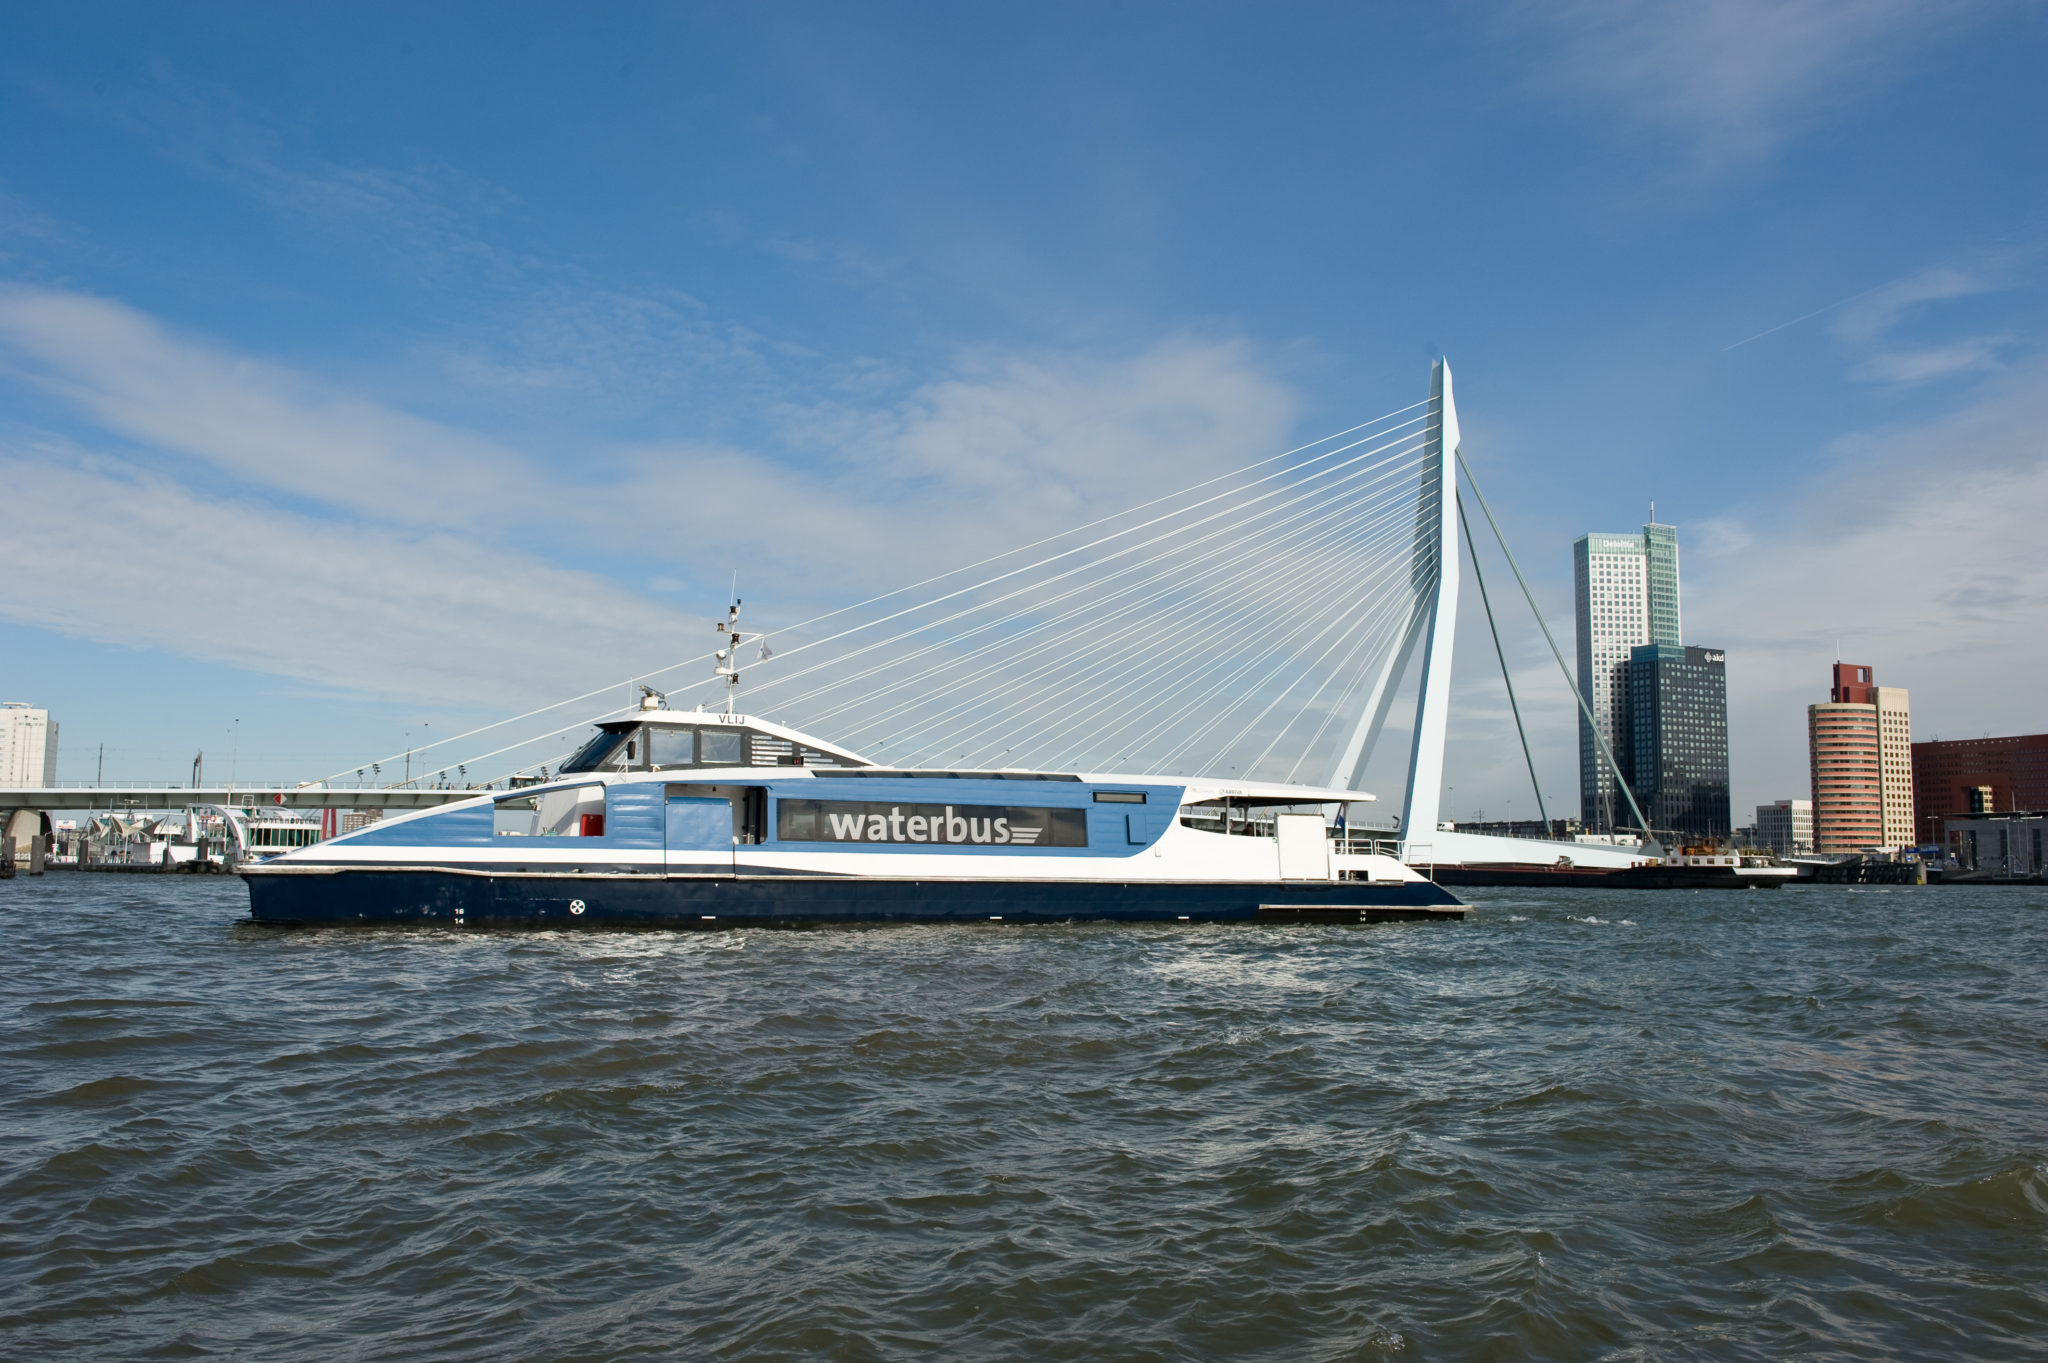 Met de waterbus naar Rotterdam